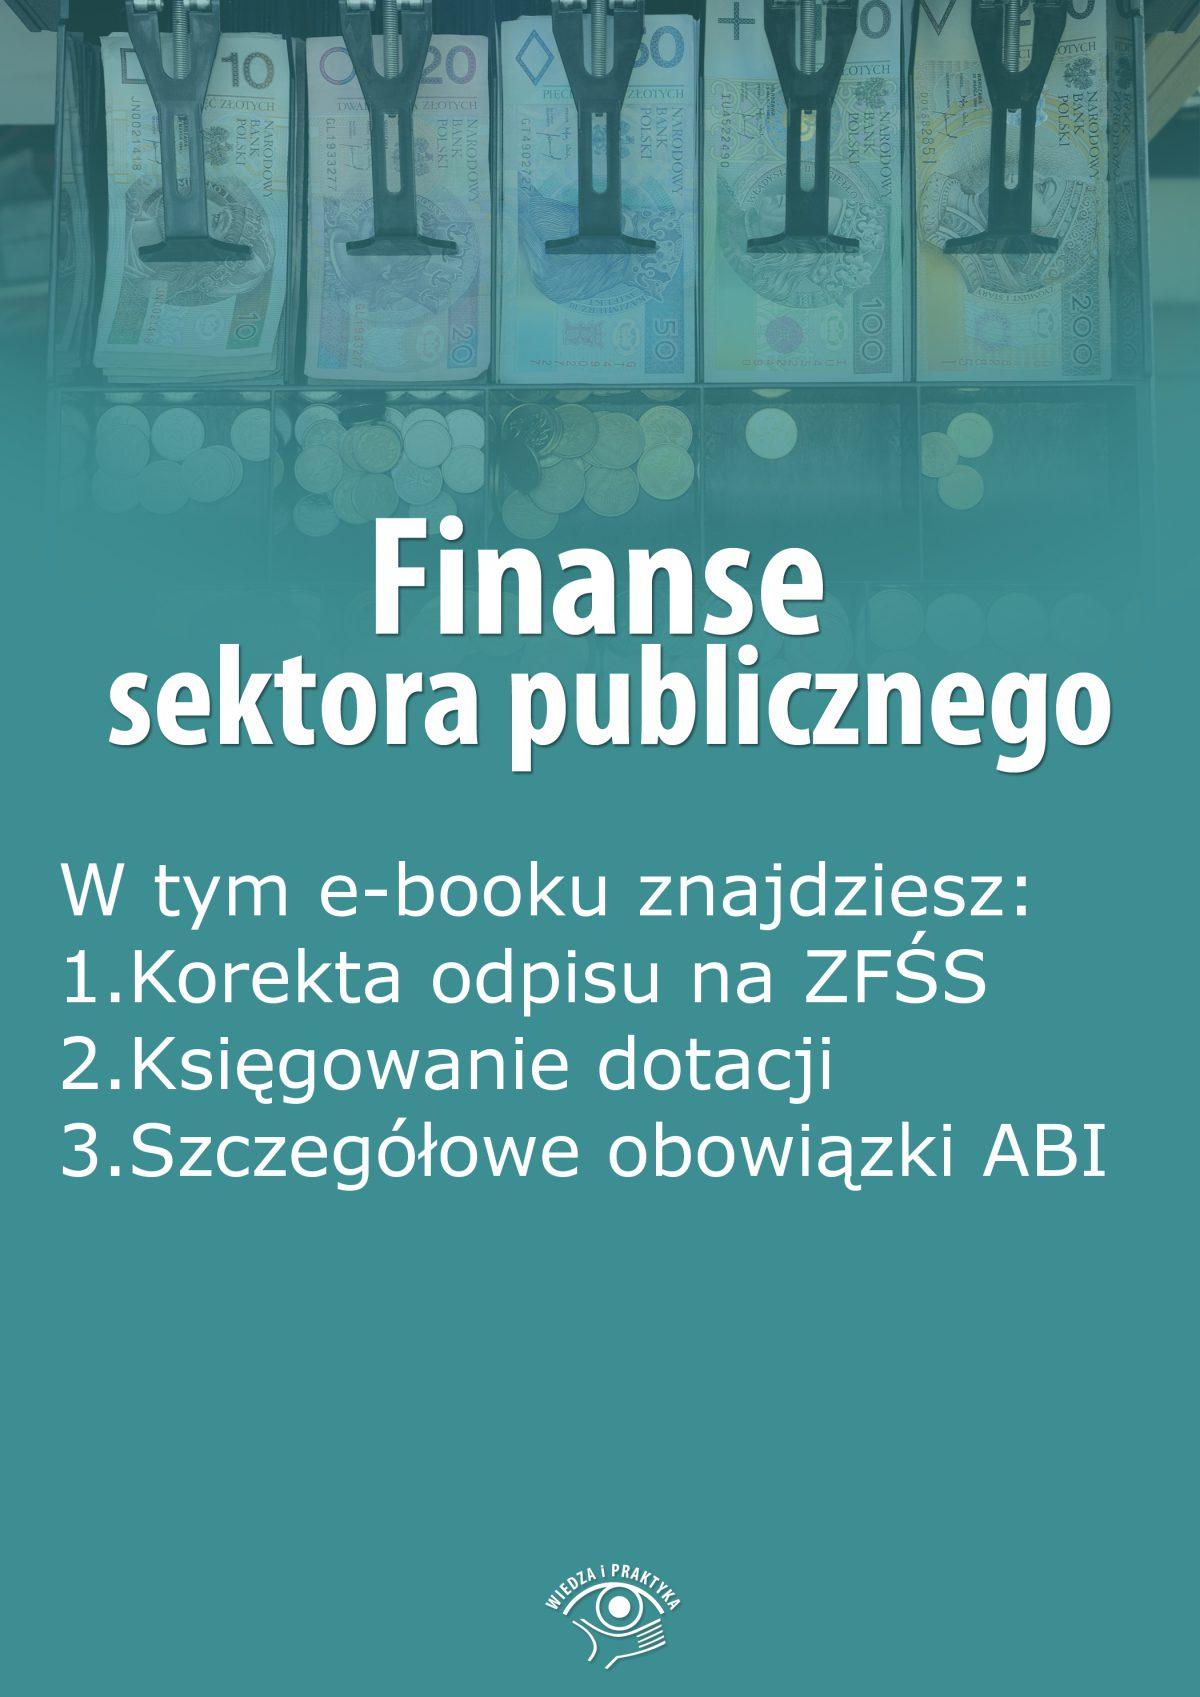 Finanse sektora publicznego, wydanie październik 2015 r. - Ebook (Książka EPUB) do pobrania w formacie EPUB